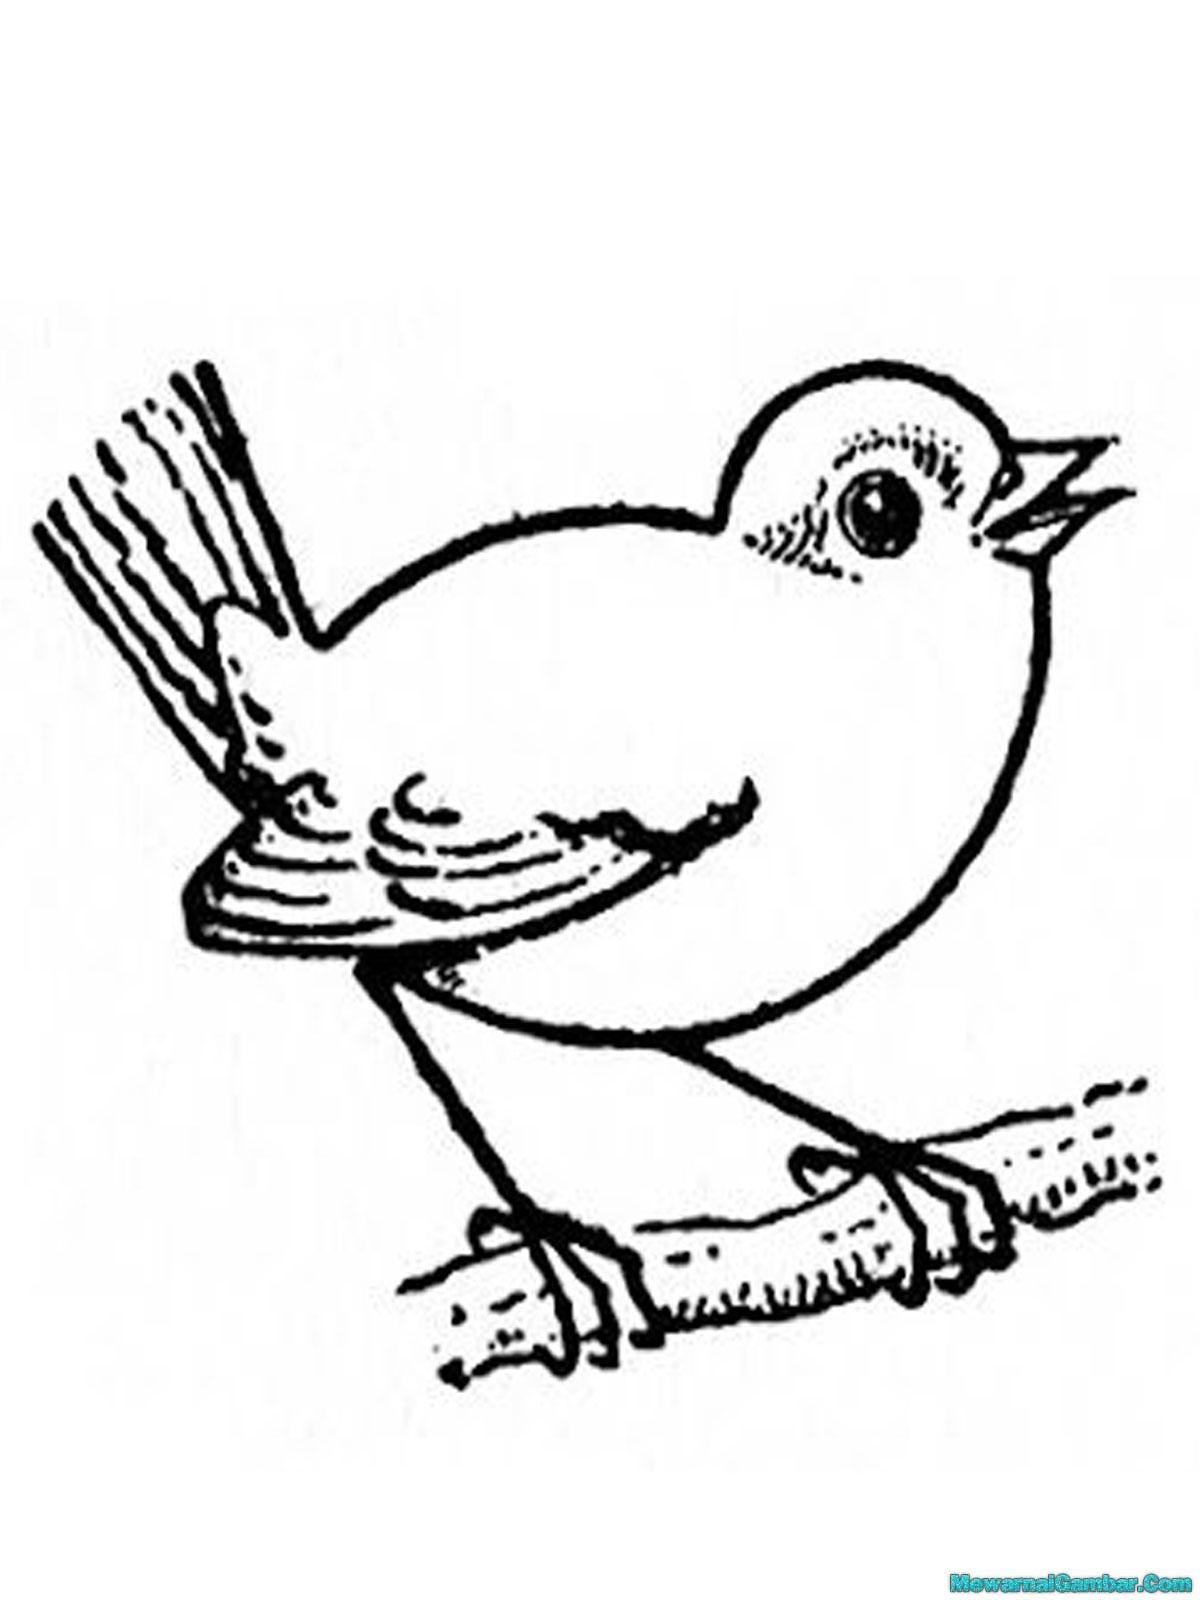 Gambar Contoh Mewarnai Gambar Burung Diwarnai Di Rebanas